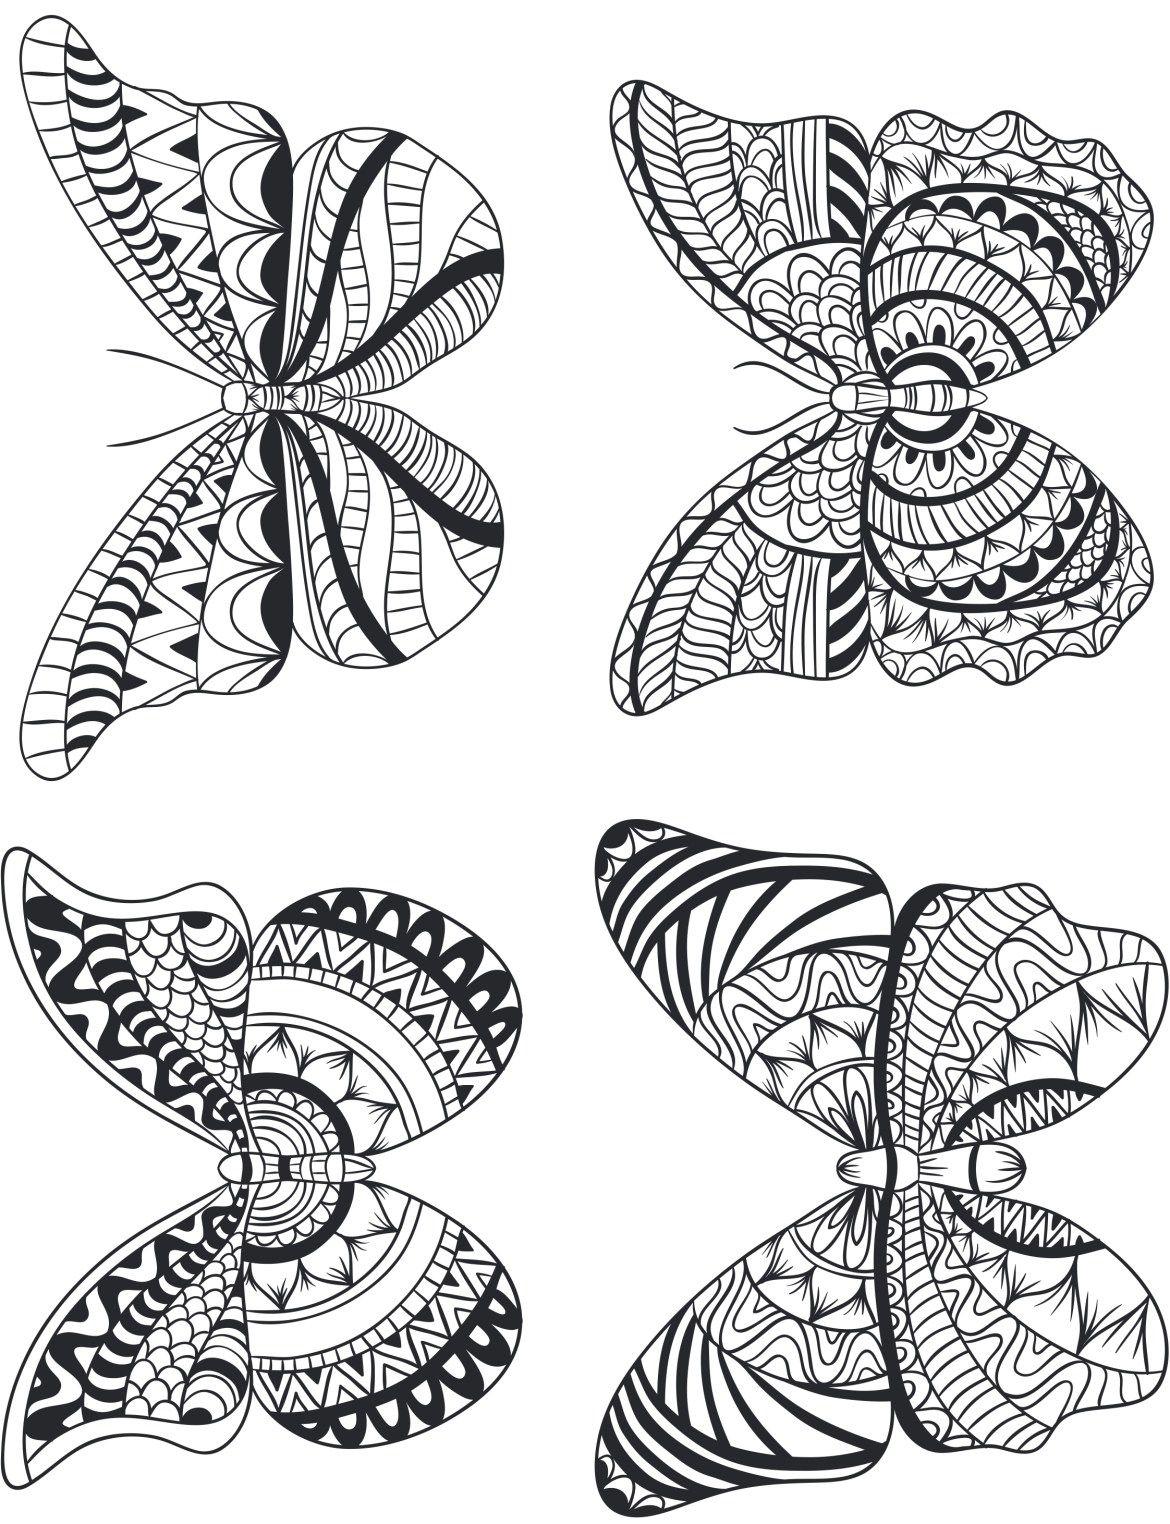 Modele Quilling Imprimer Meilleur De Photographie Quatre Papillon Géométrie Pour Adulte  Imprimer